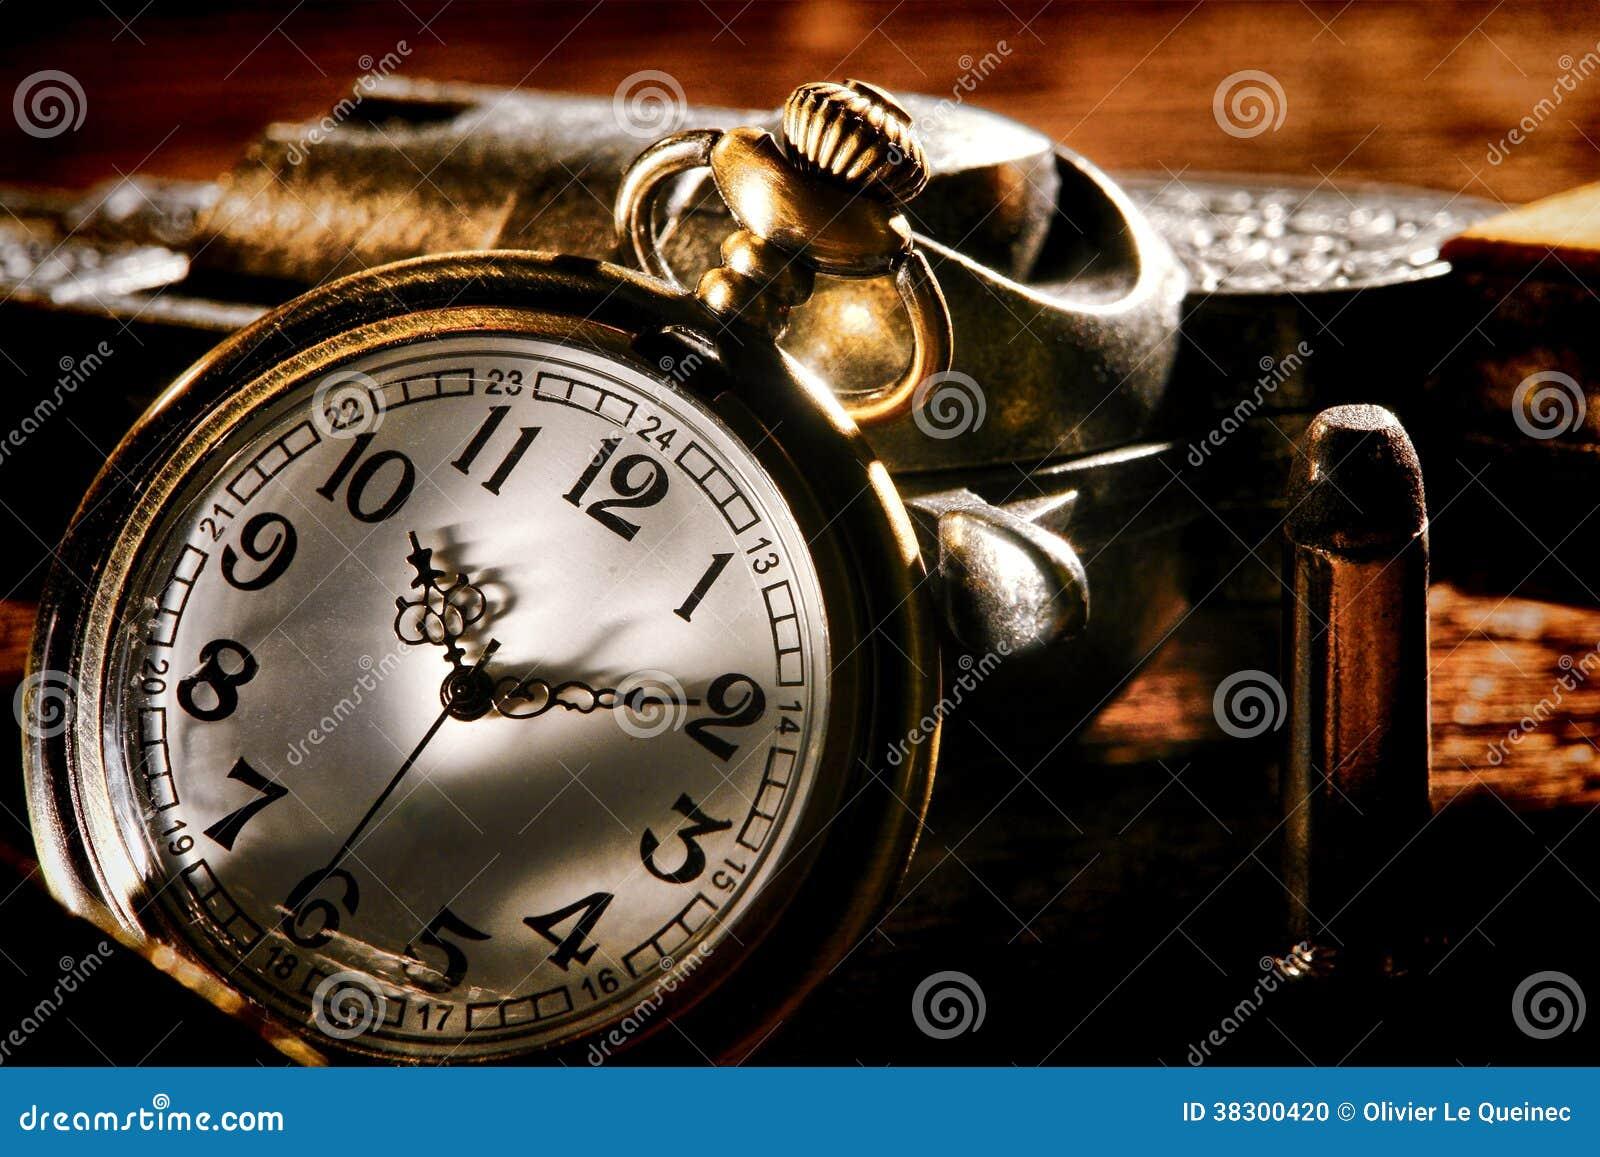 Relógio de bolso e arma antigos ocidentais americanos do fora da lei